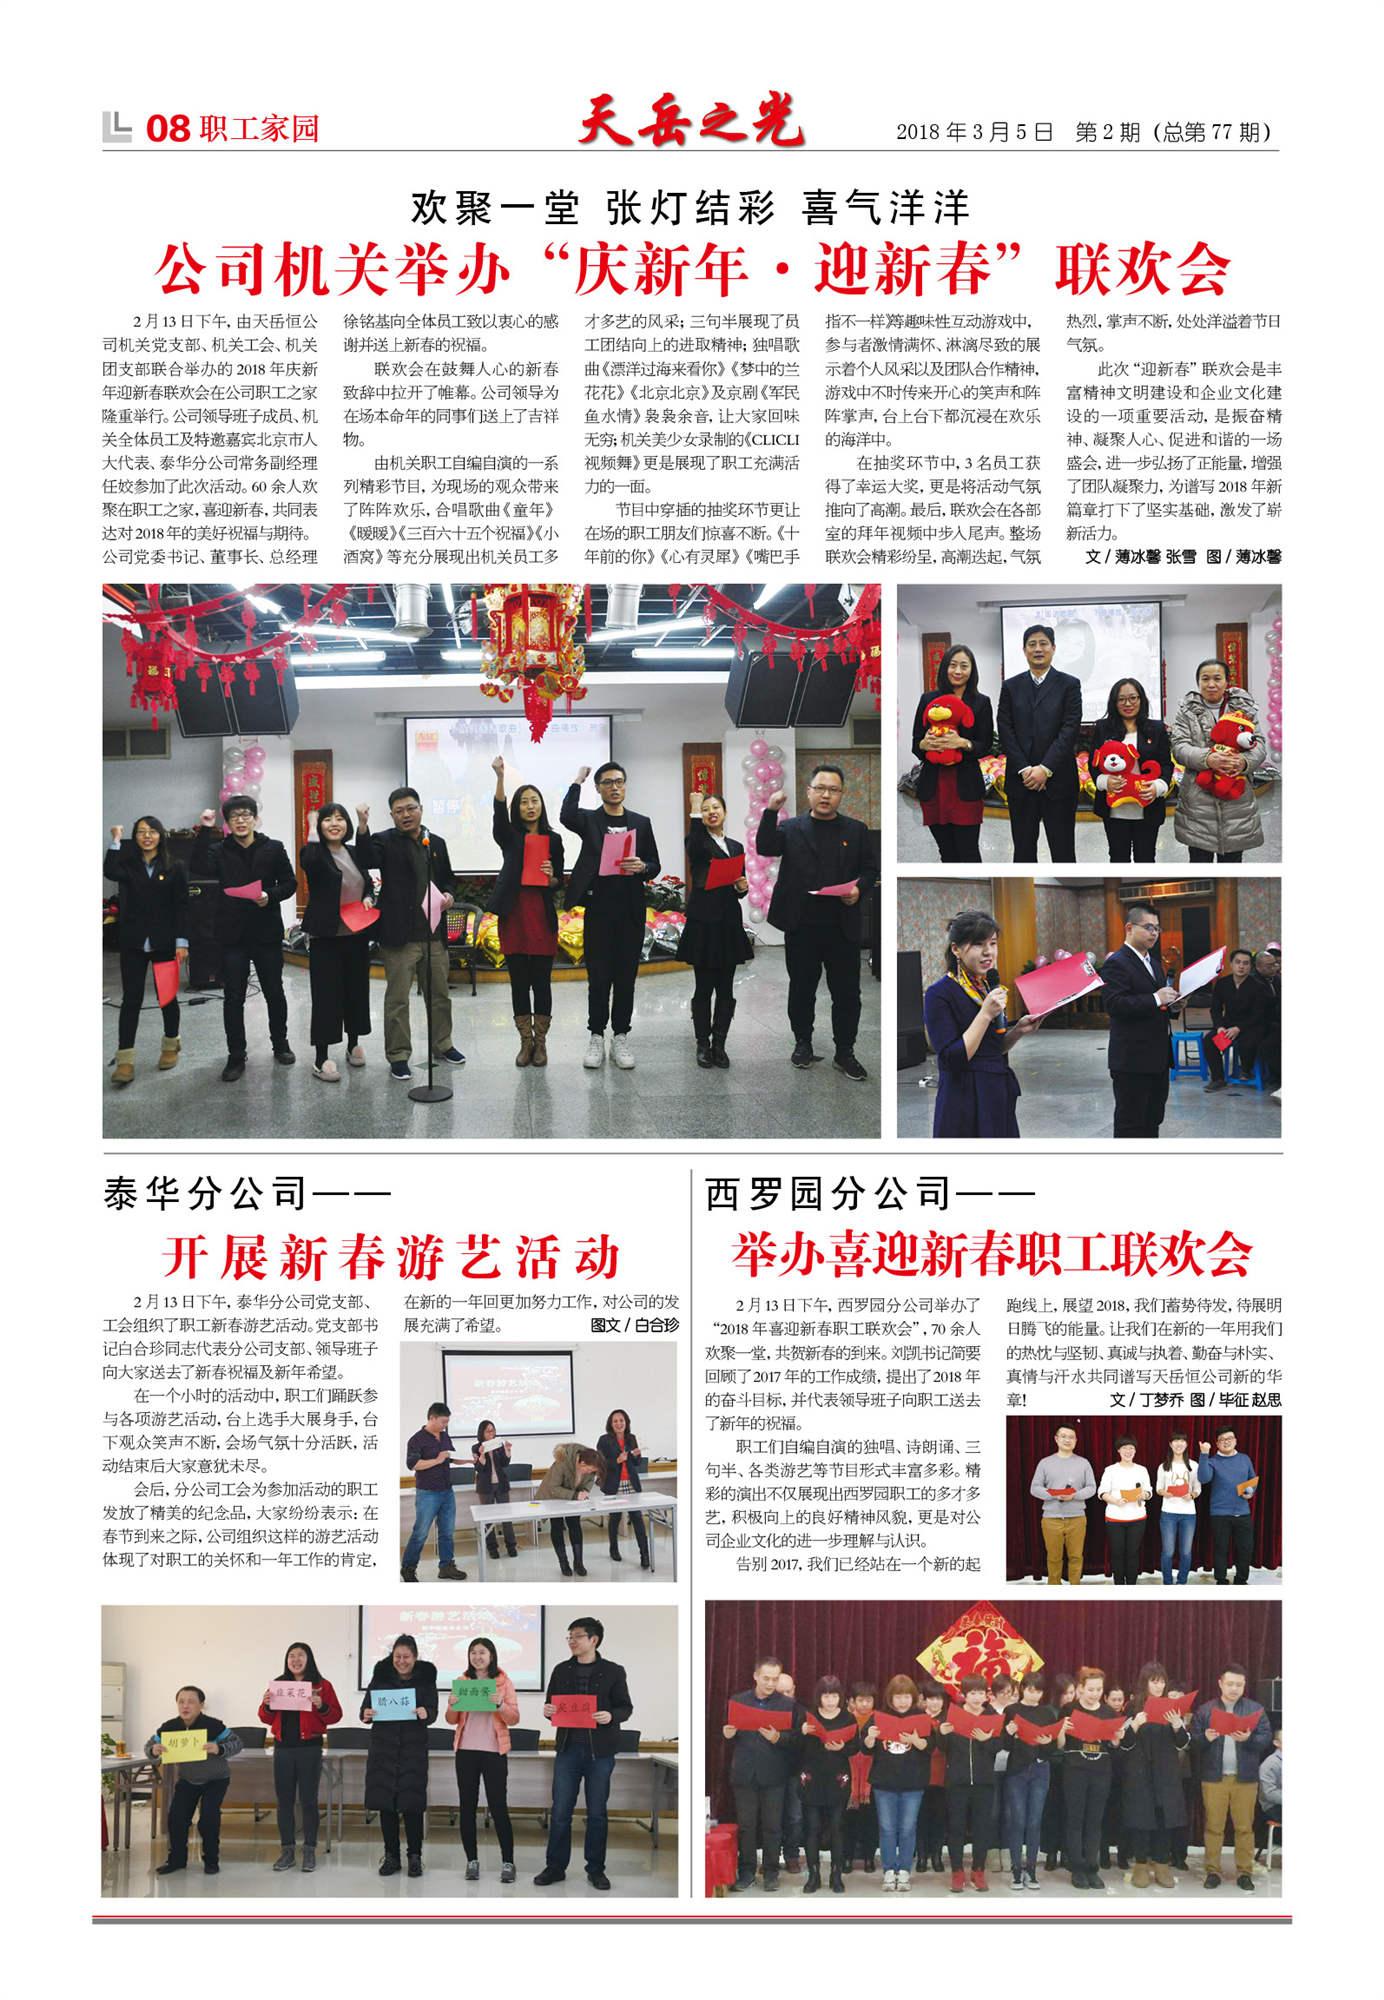 2-大赢家棋牌官网2月报纸最终8